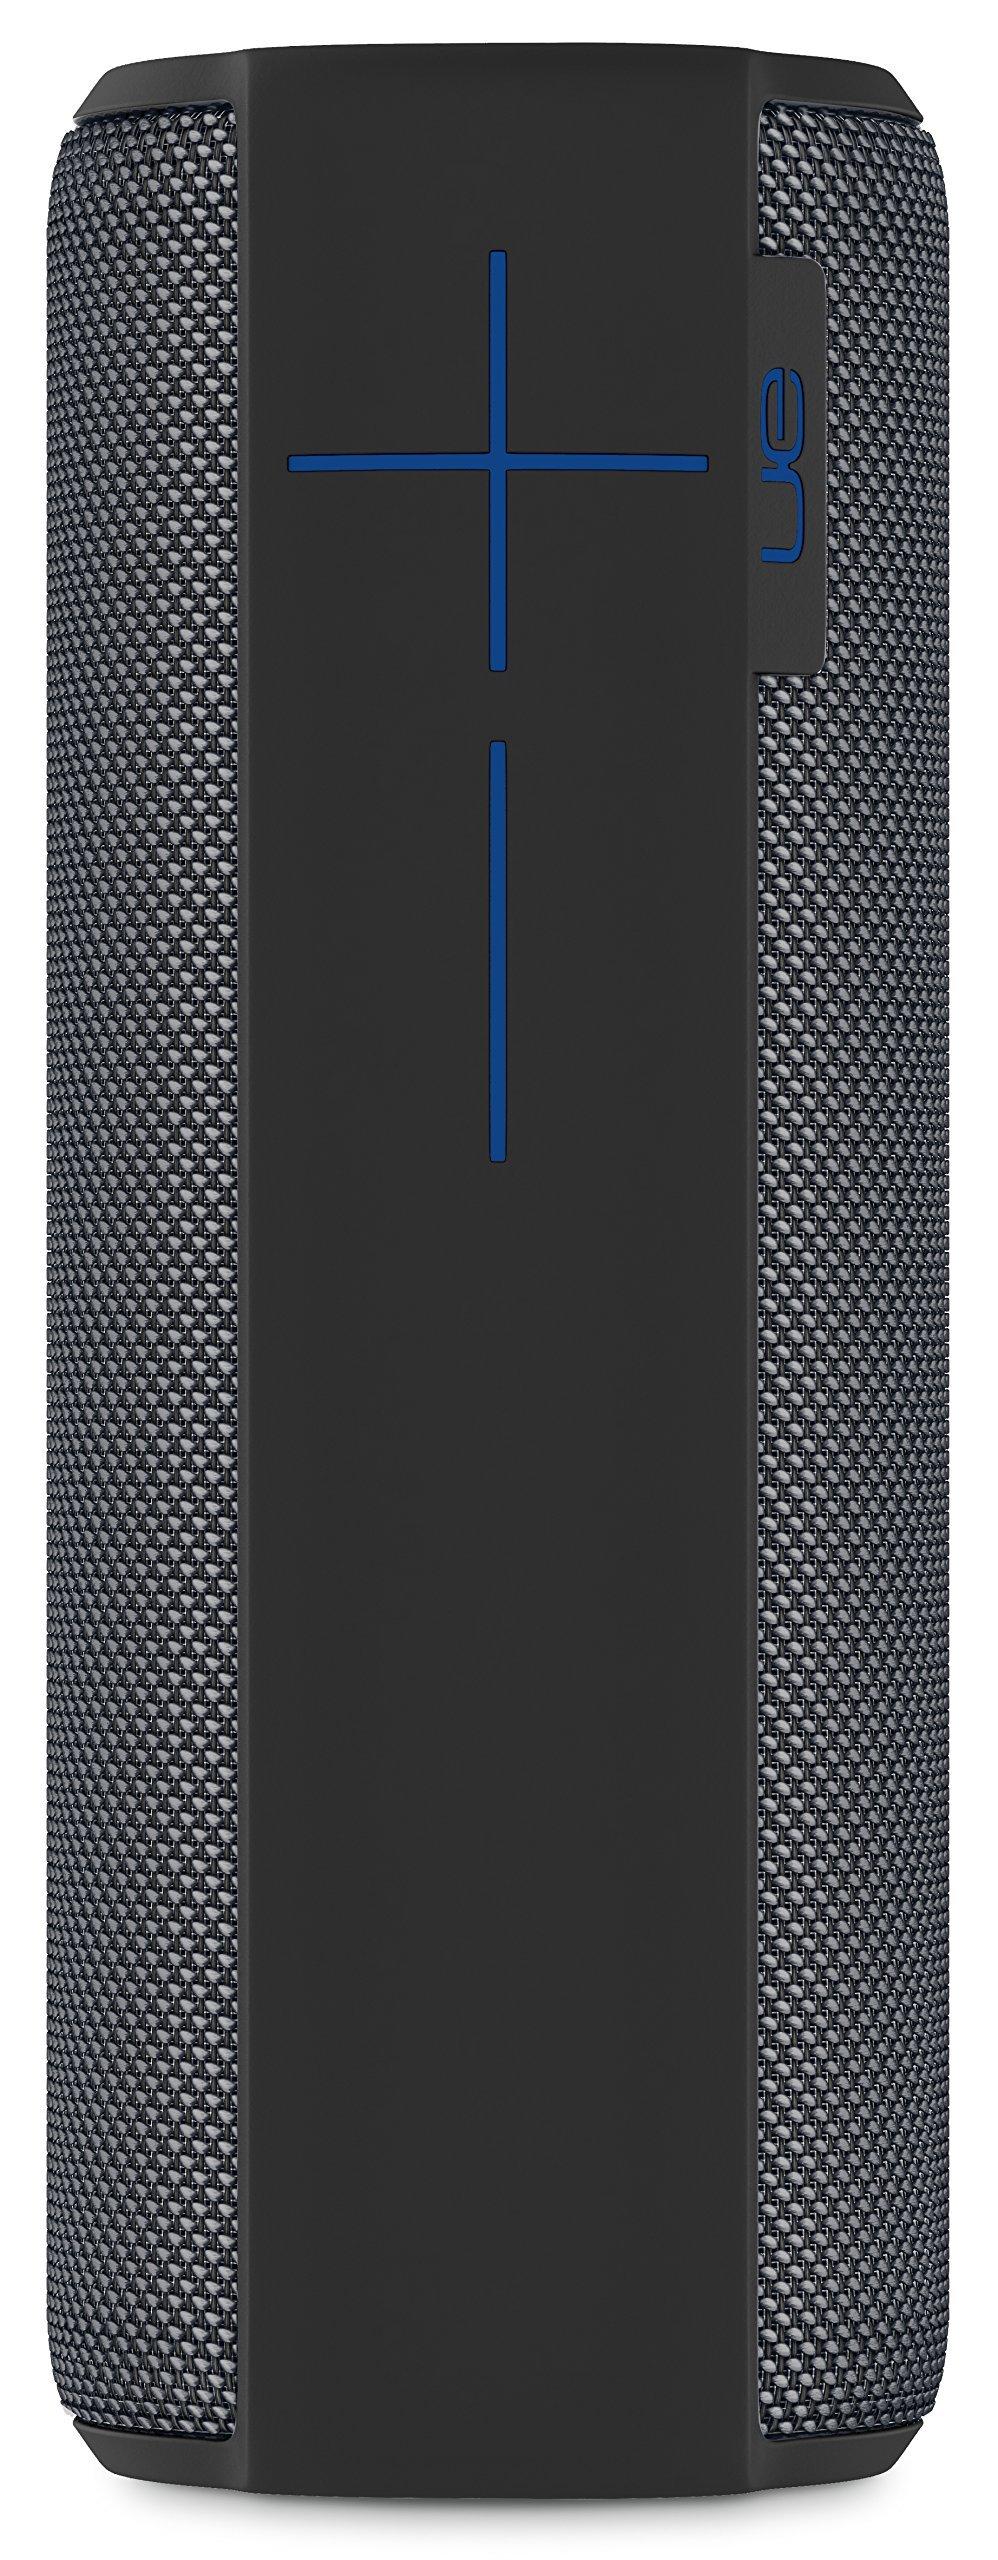 UE MEGABOOM Charcoal Black Wireless Mobile Bluetooth Speaker (Waterproof and Shockproof) by Ultimate Ears (Image #2)